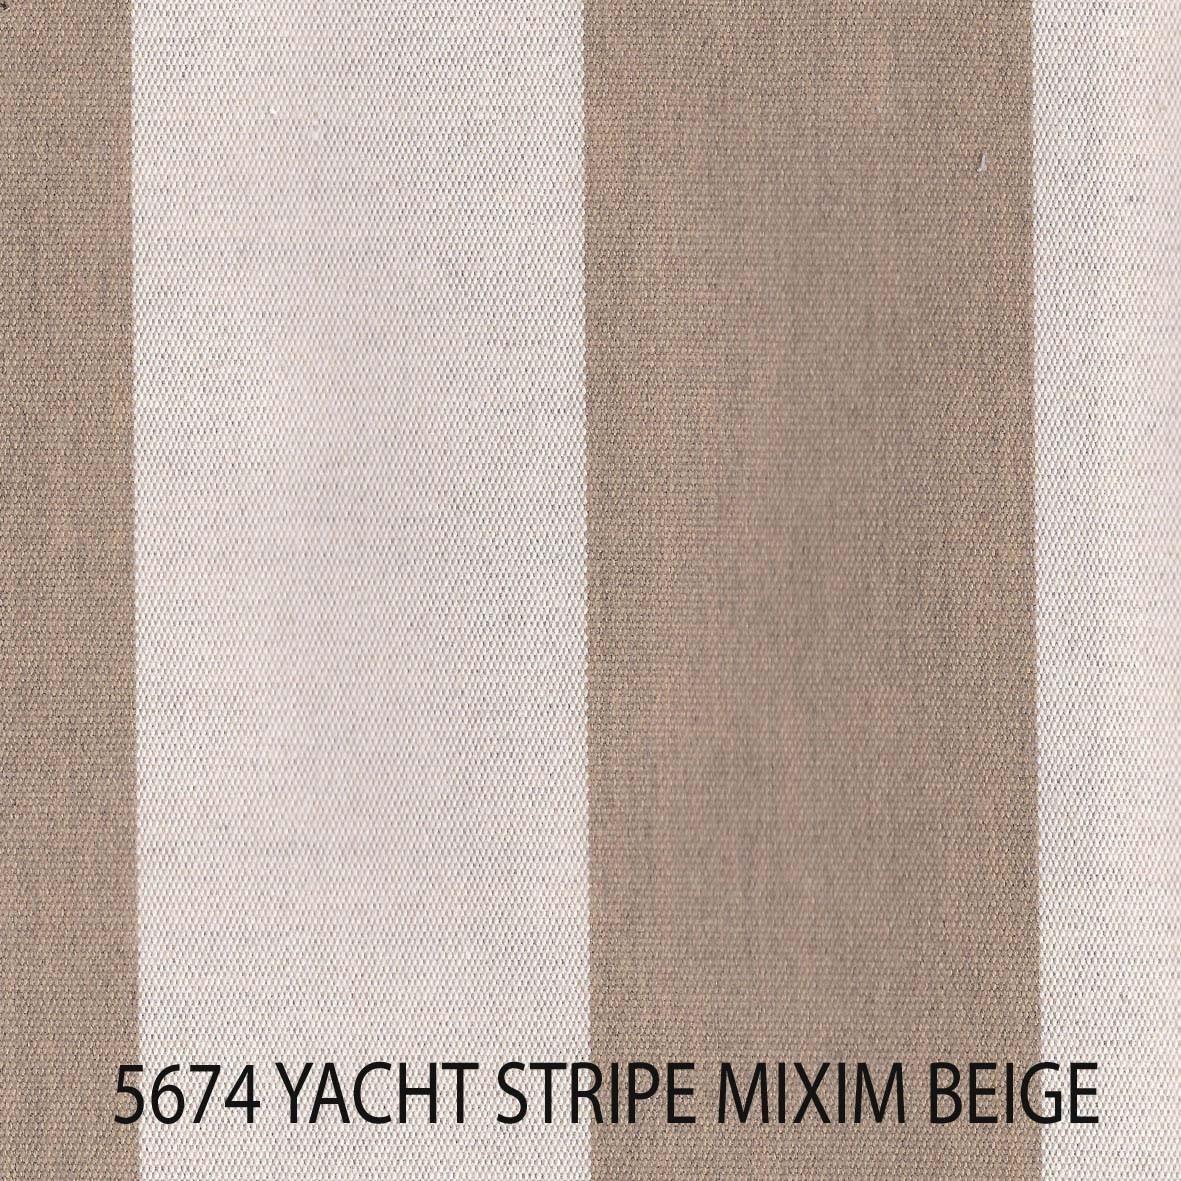 Yacht Stripe Maxim Beige